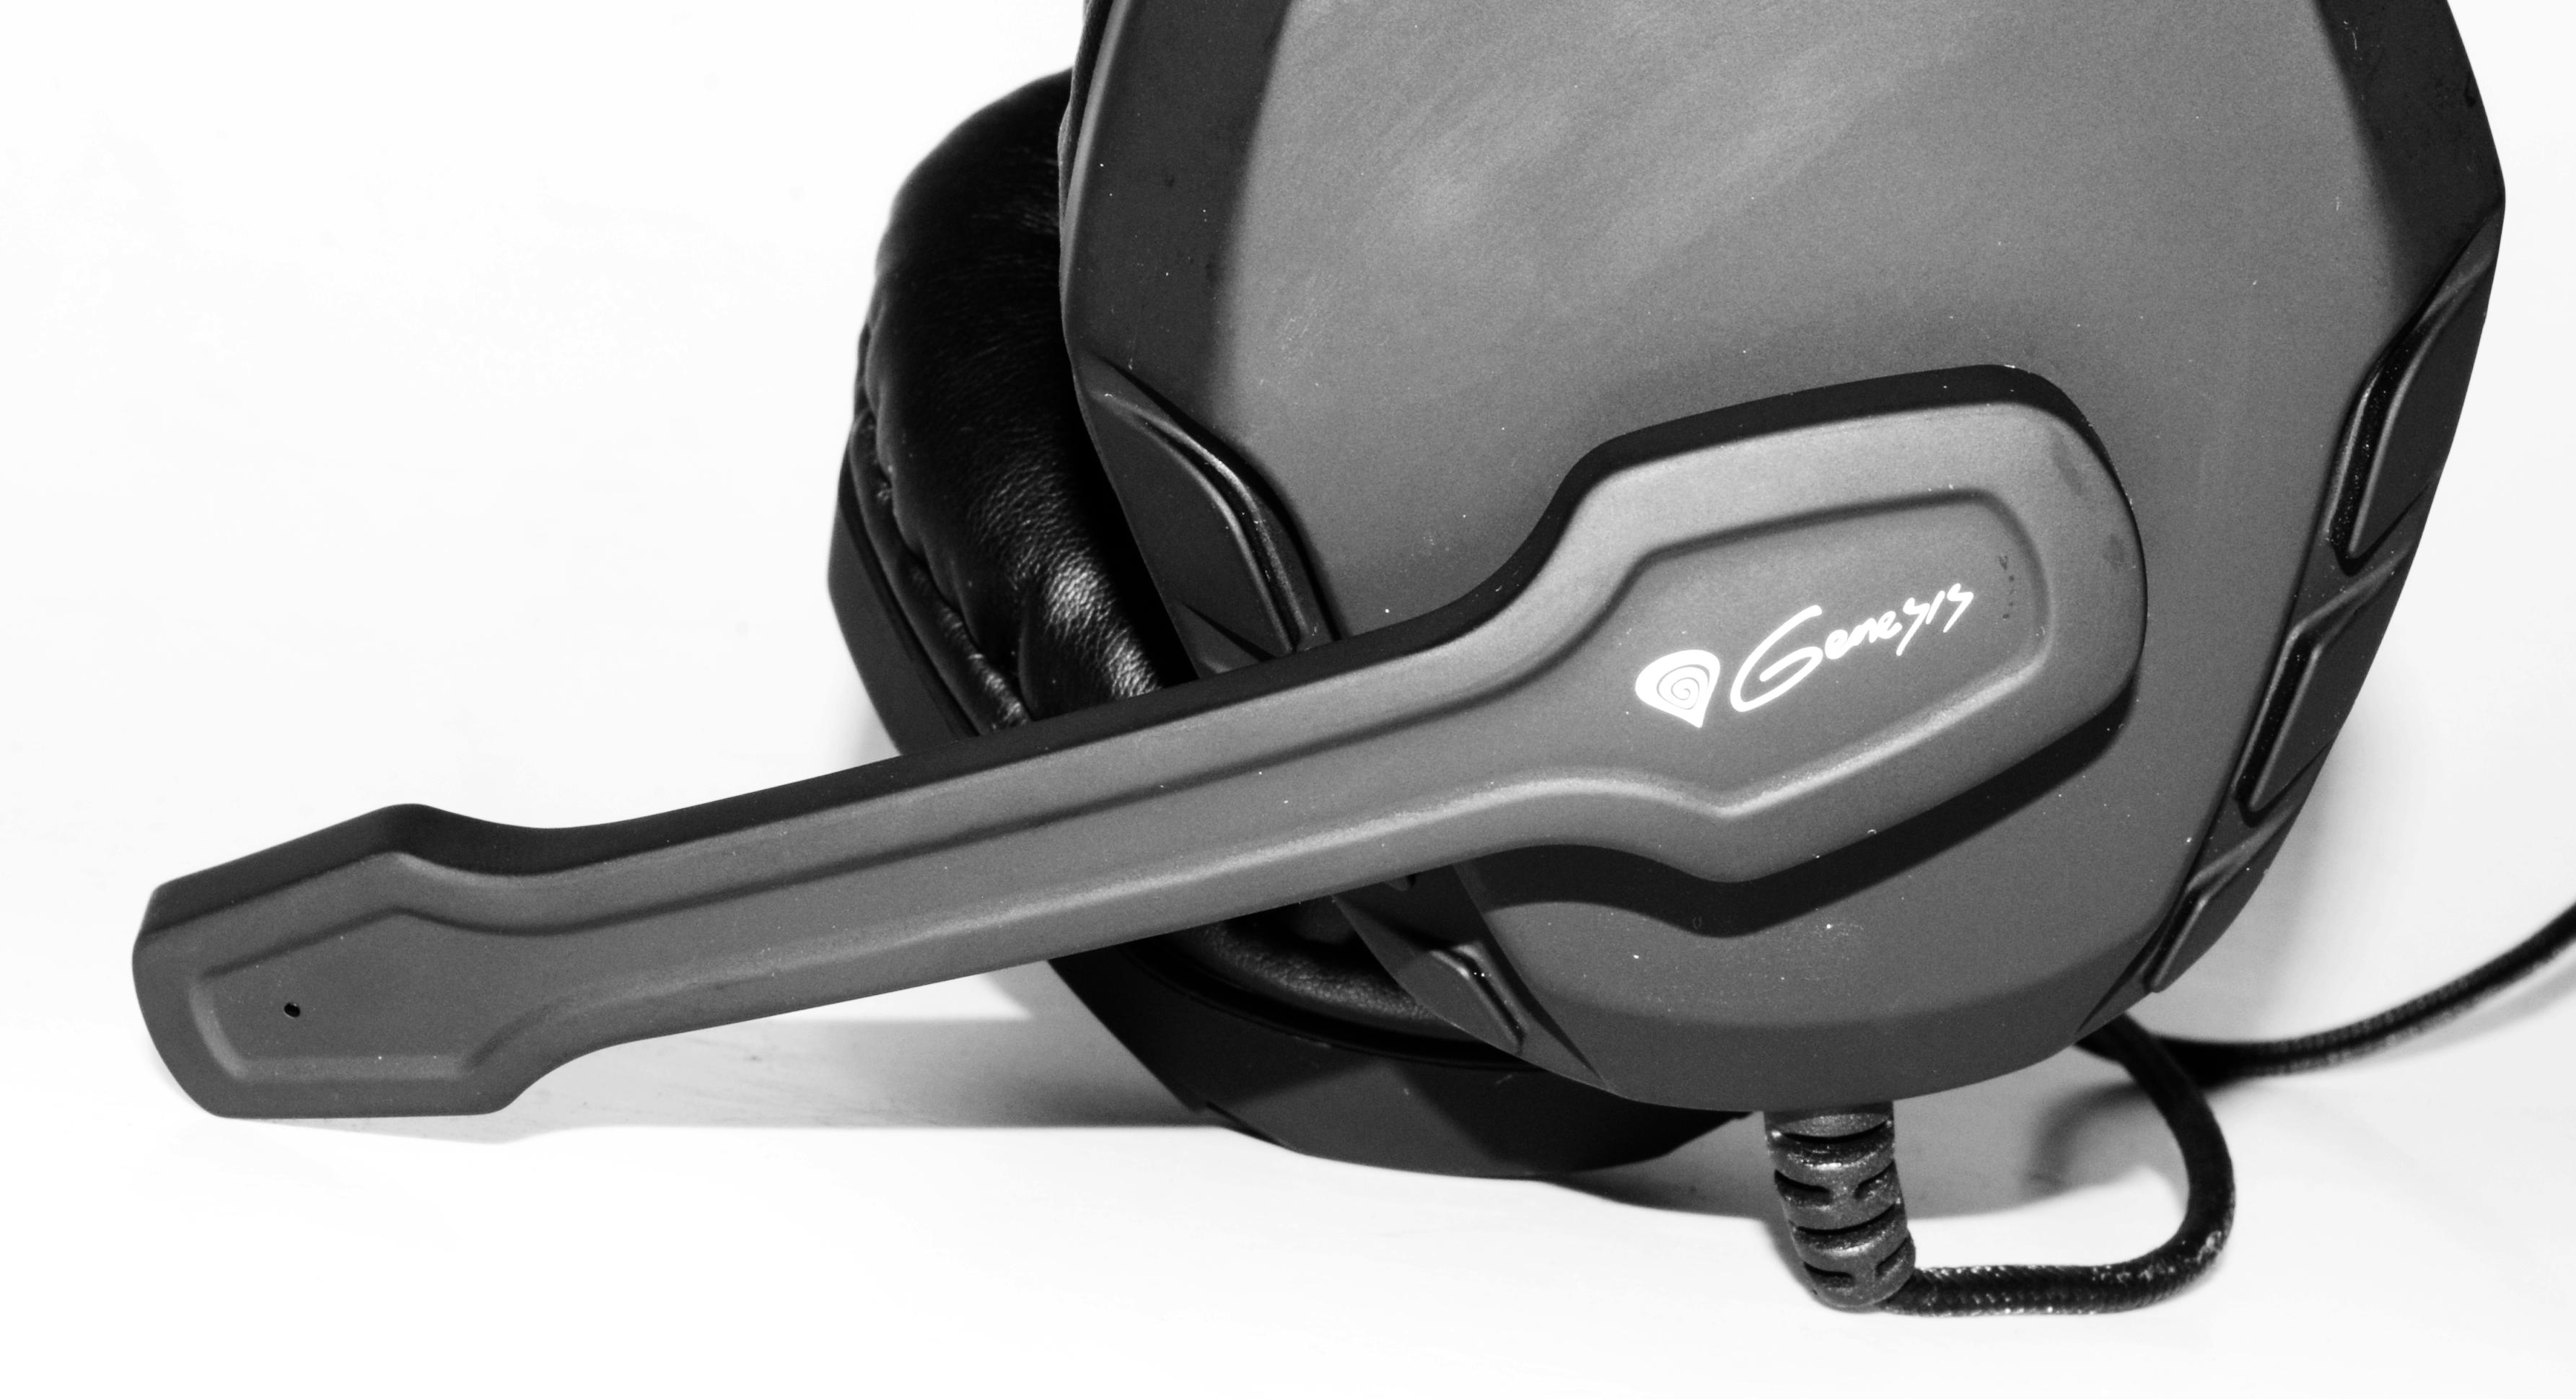 Épkézláb gamer headset pár ezer forintért? Igen